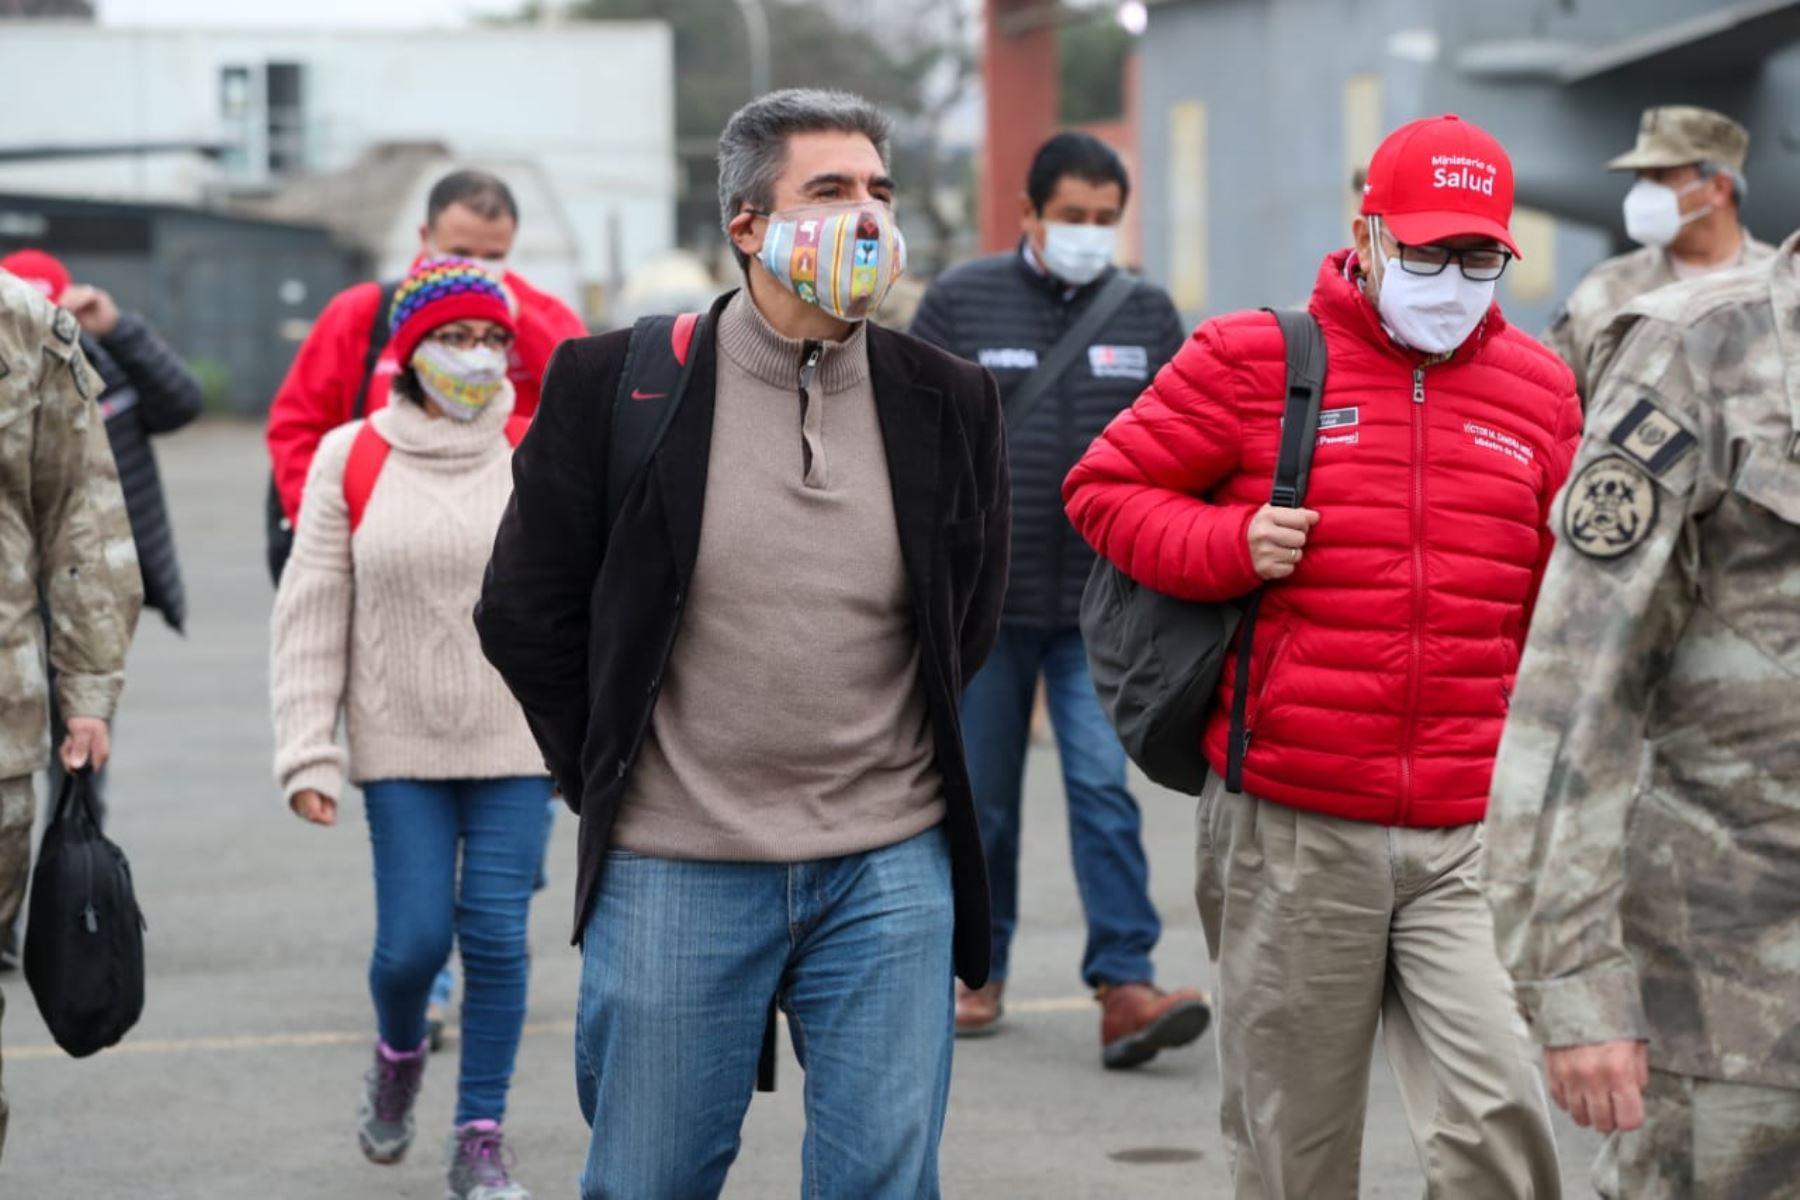 Jefe de Gabinete y ministros de Estado viajan a Ayacucho para reforzar acciones frente a la pandemia por Covid-19. Alejandro Neyra, ministro de Cultura, forma parte de la comitiva. Foto: ANDINA/PCM